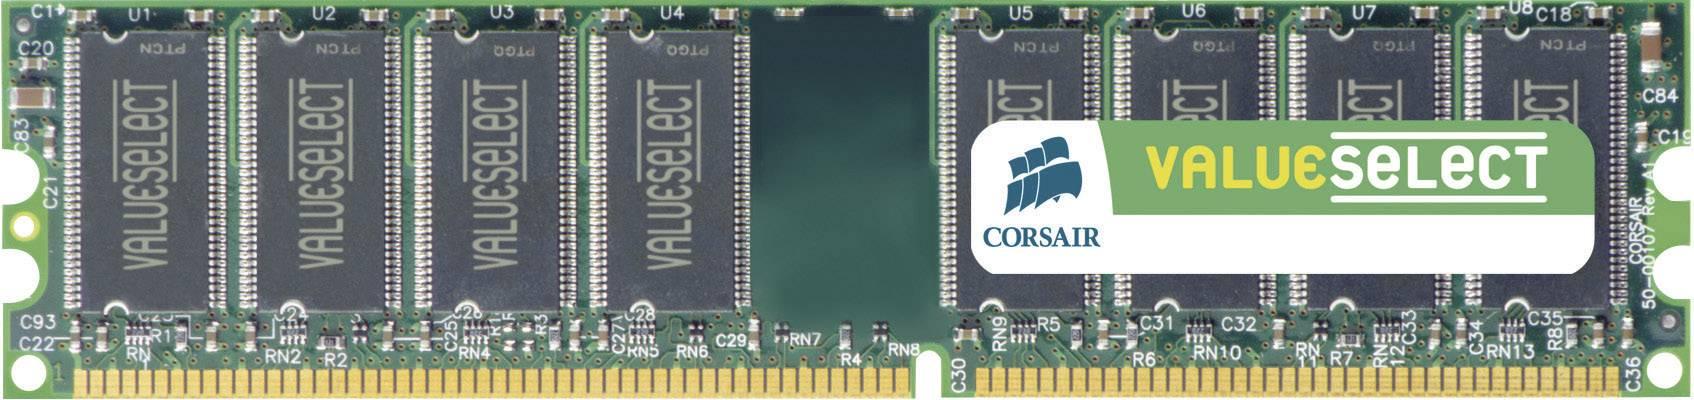 Operační paměť do PC Corsair, VS1GB400C3, DDR-RAM, 400 MHz, 1024 MB